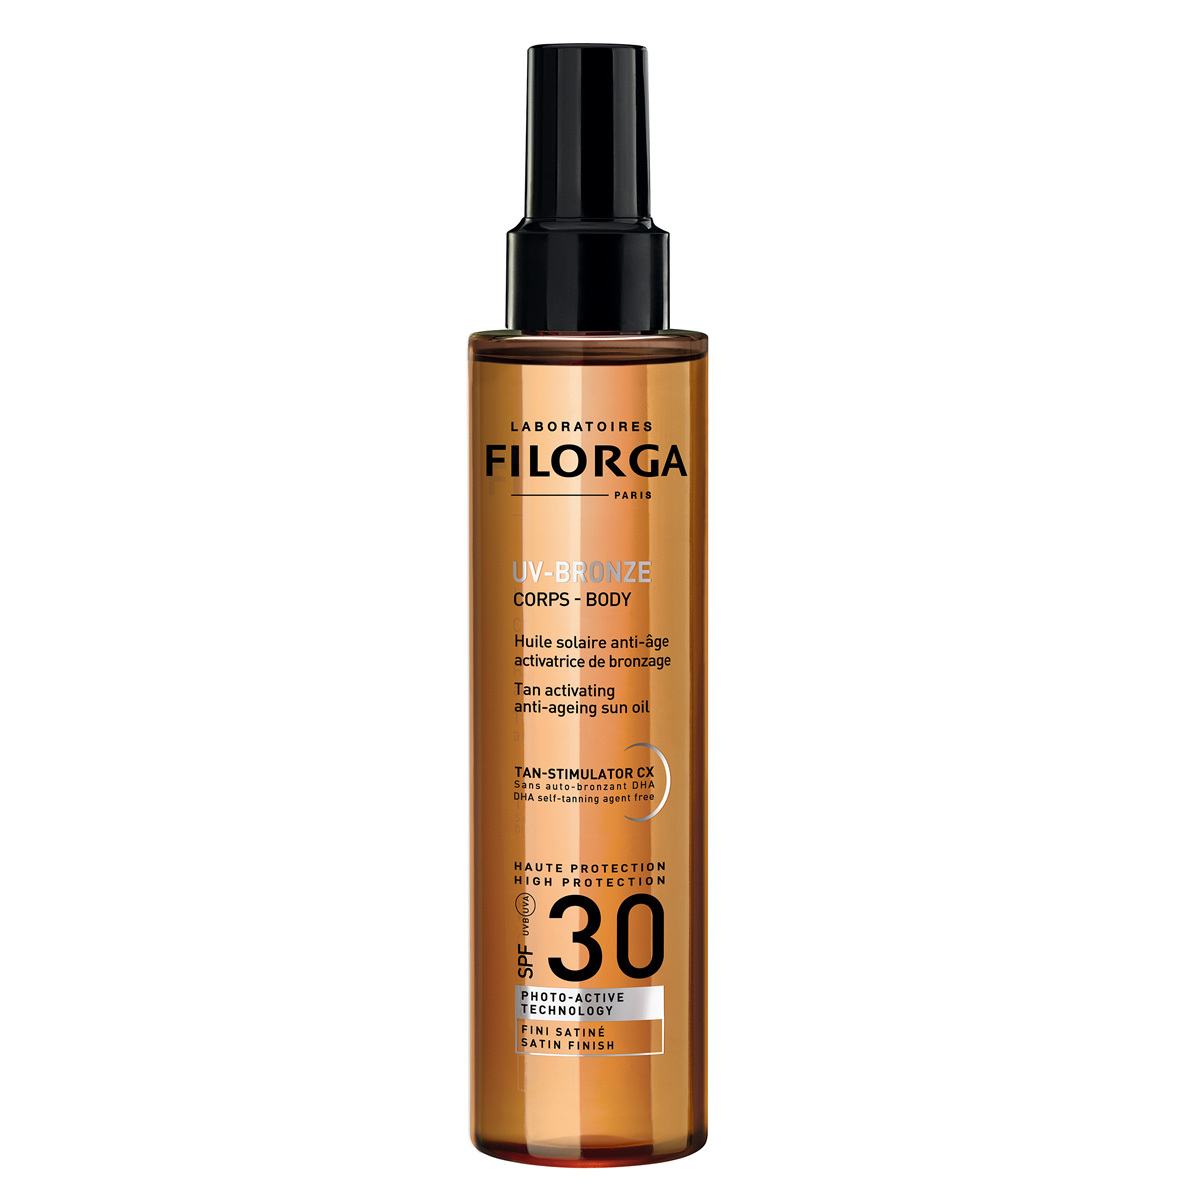 Spray aceite solar antiedad para el cuerpo SPF 30 activador del bronceado, Filorga (29,90 euros).